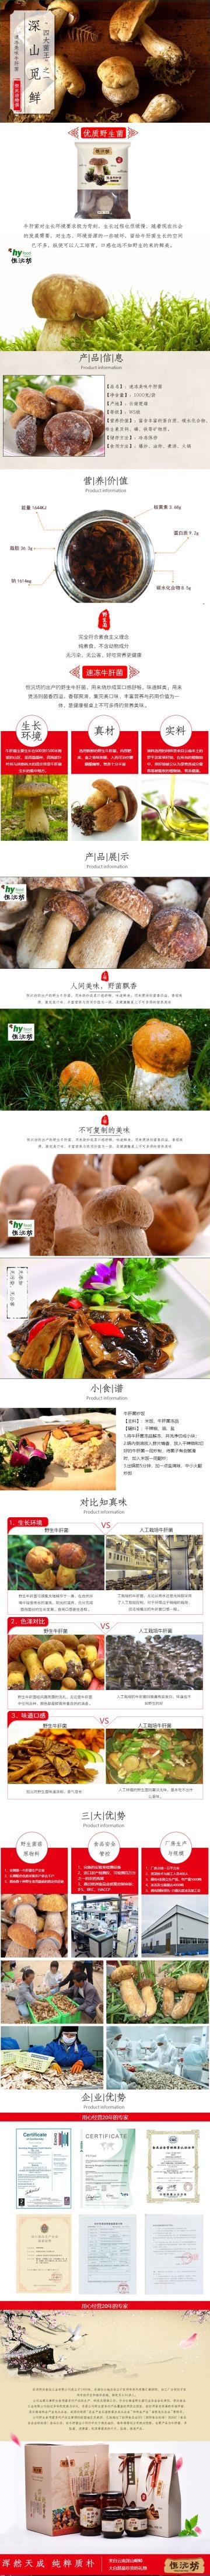 清新简约百货零售美食干货野生菌牛肝菌促销电商详情页